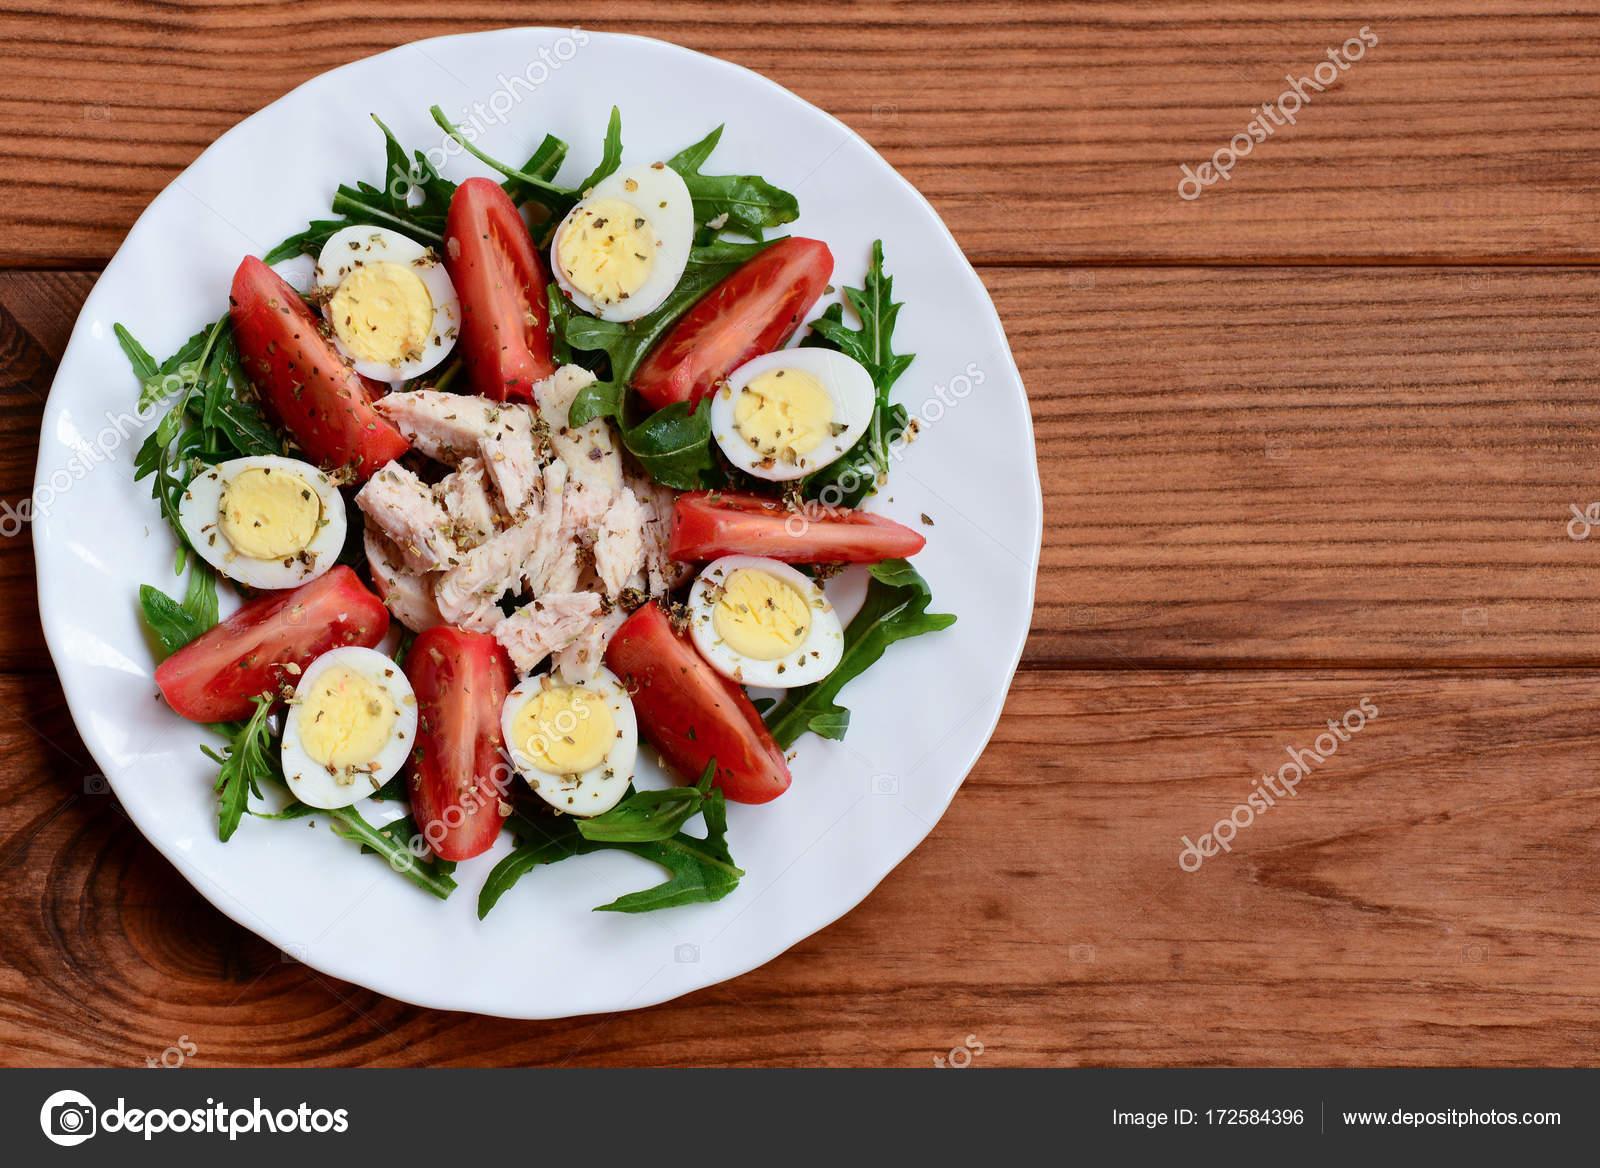 Idee Per Pranzi Sani : Idea di insalata di pollo verdure fresche per il pranzo o la cena